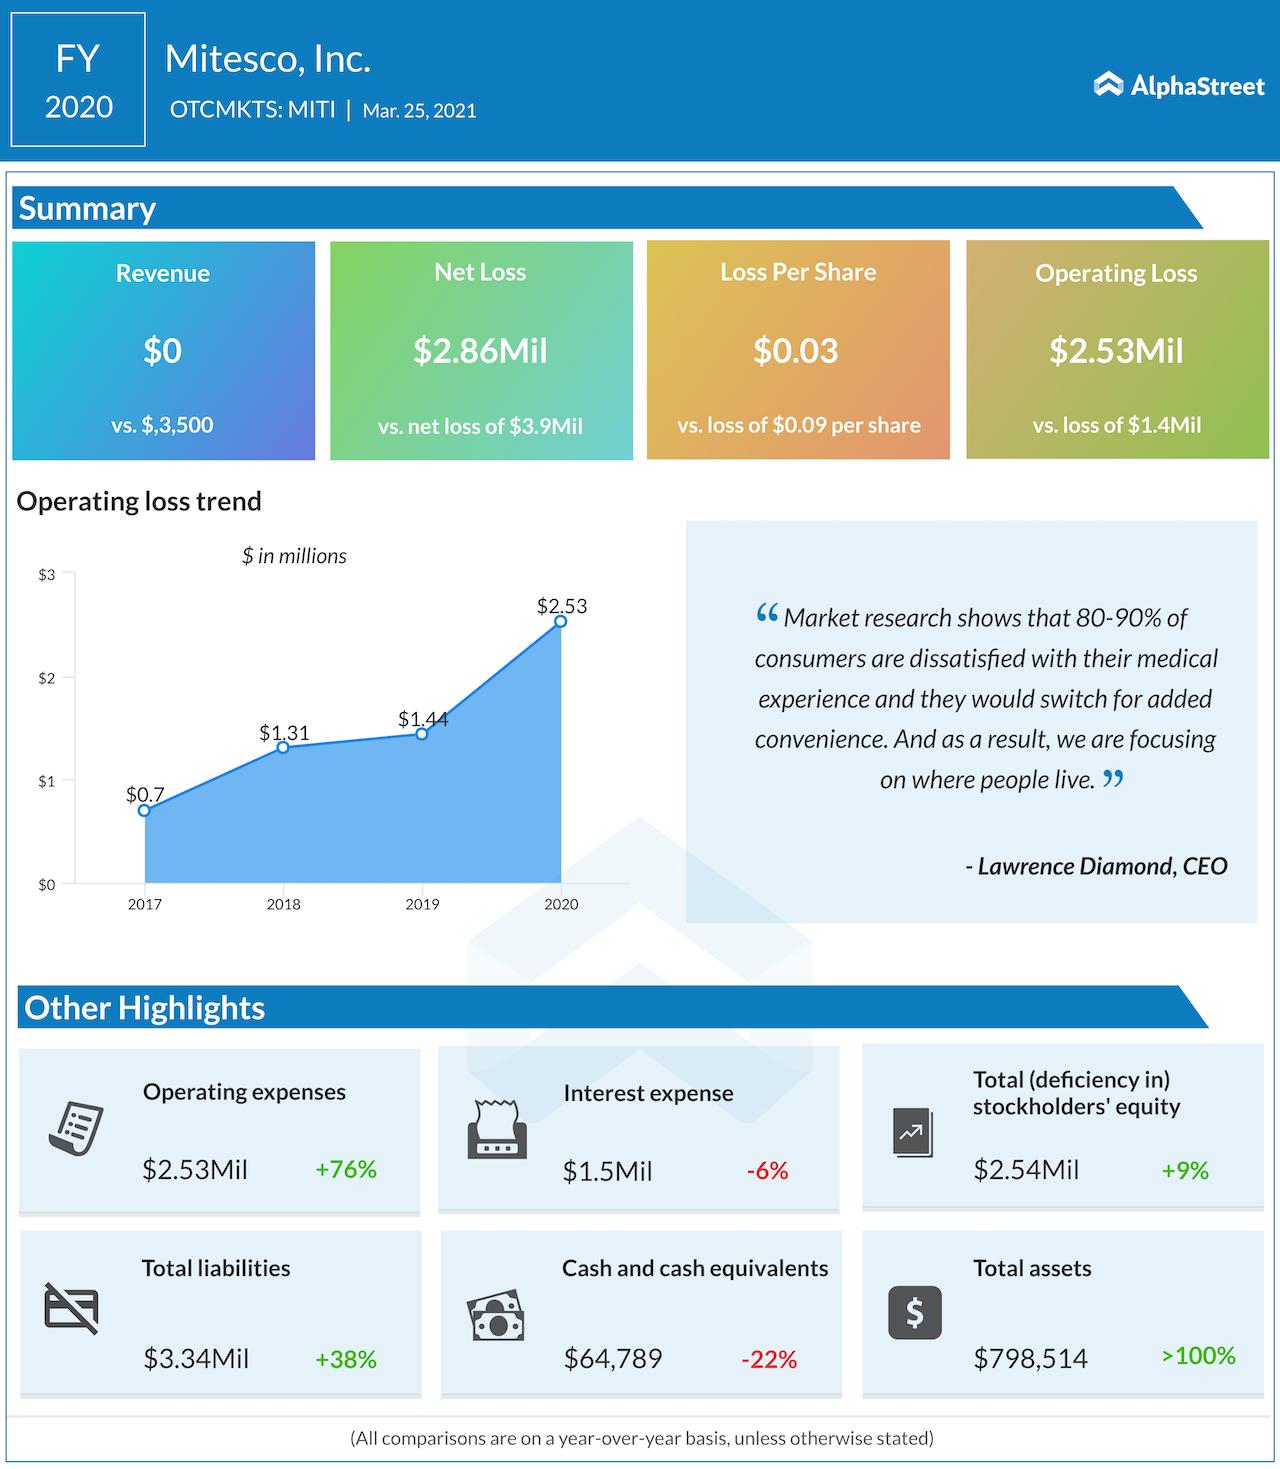 Mitesco FY 2020 earnings